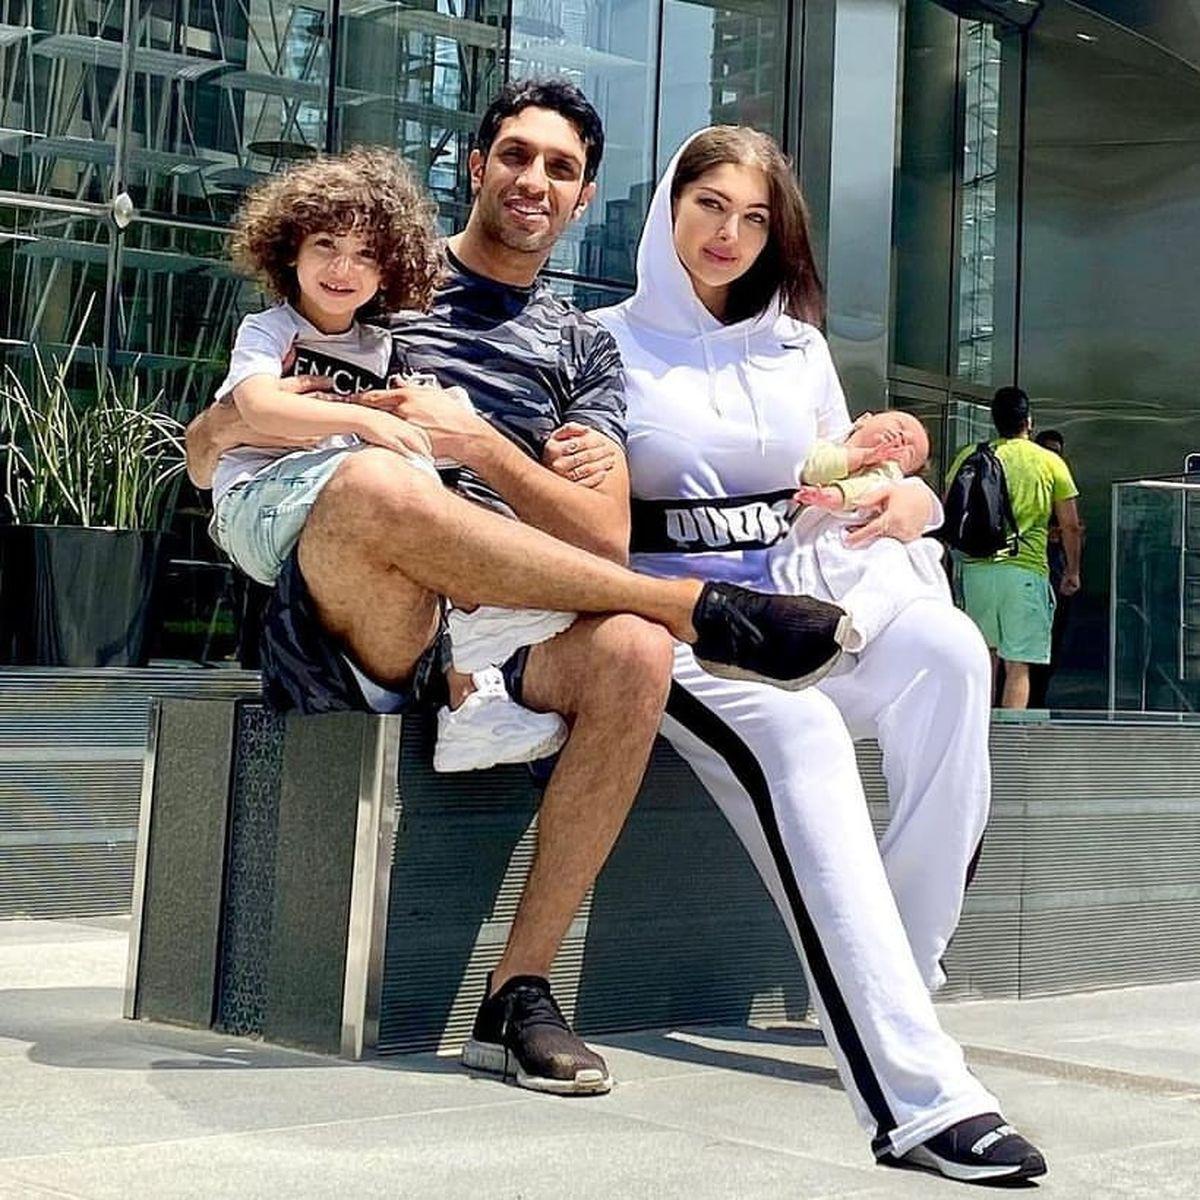 سپهر حیدری و همسرش در زمین تنیس برج خلیفه دبی